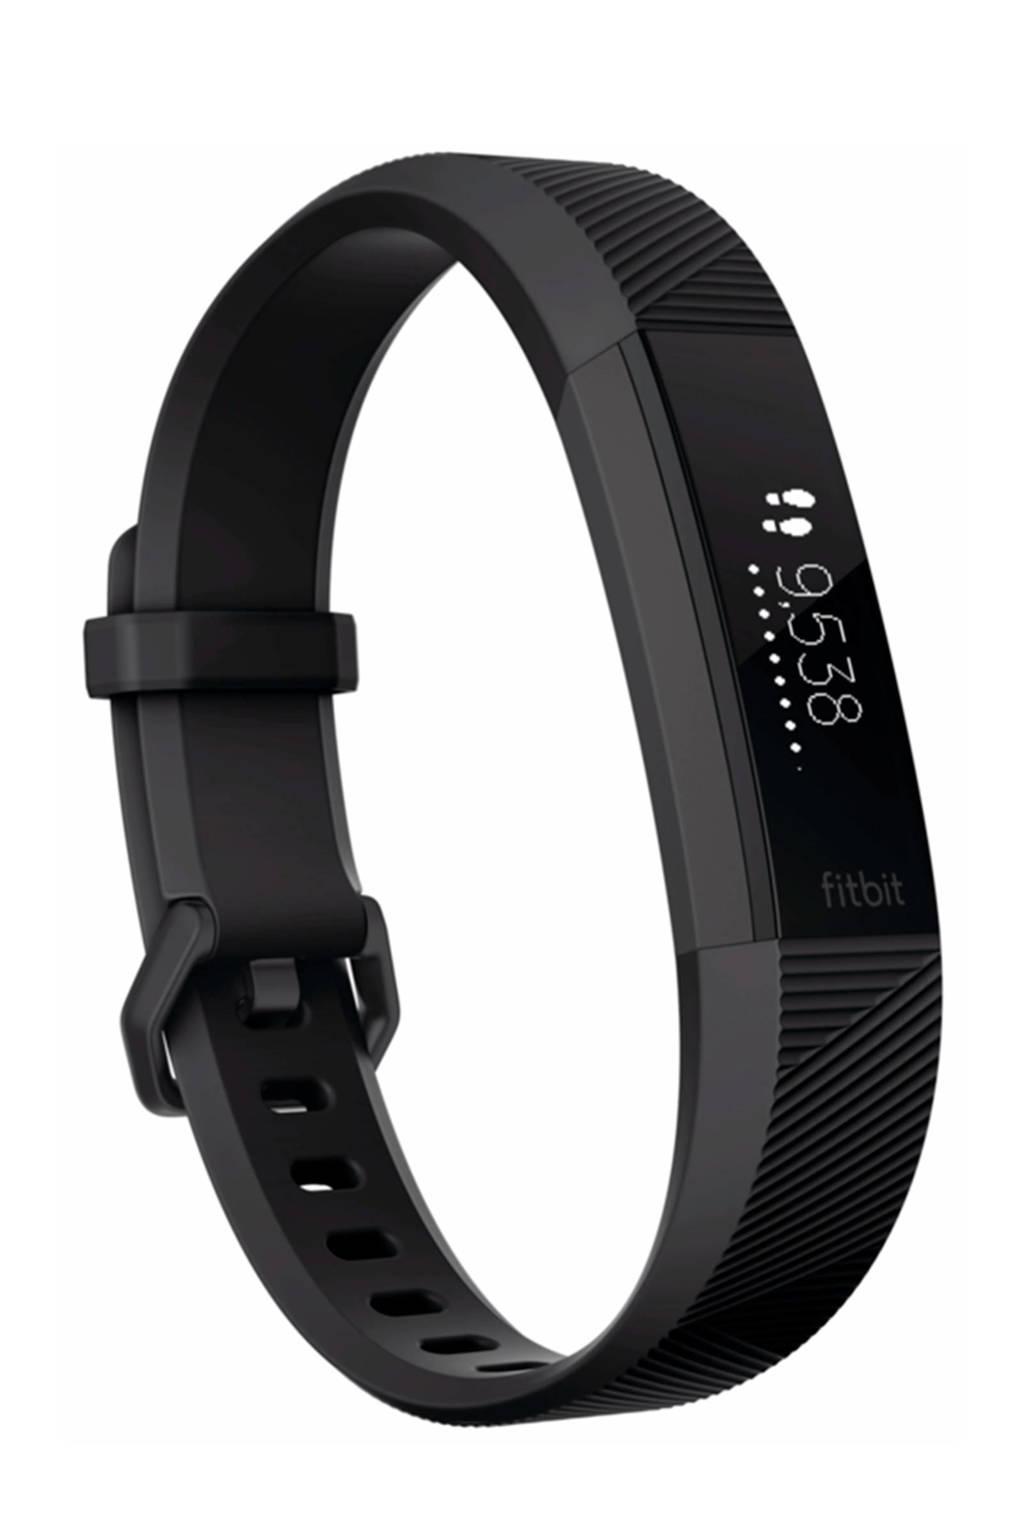 Fitbit Alta HR activiteiten tracker, Zwart, Roestvrijstaal